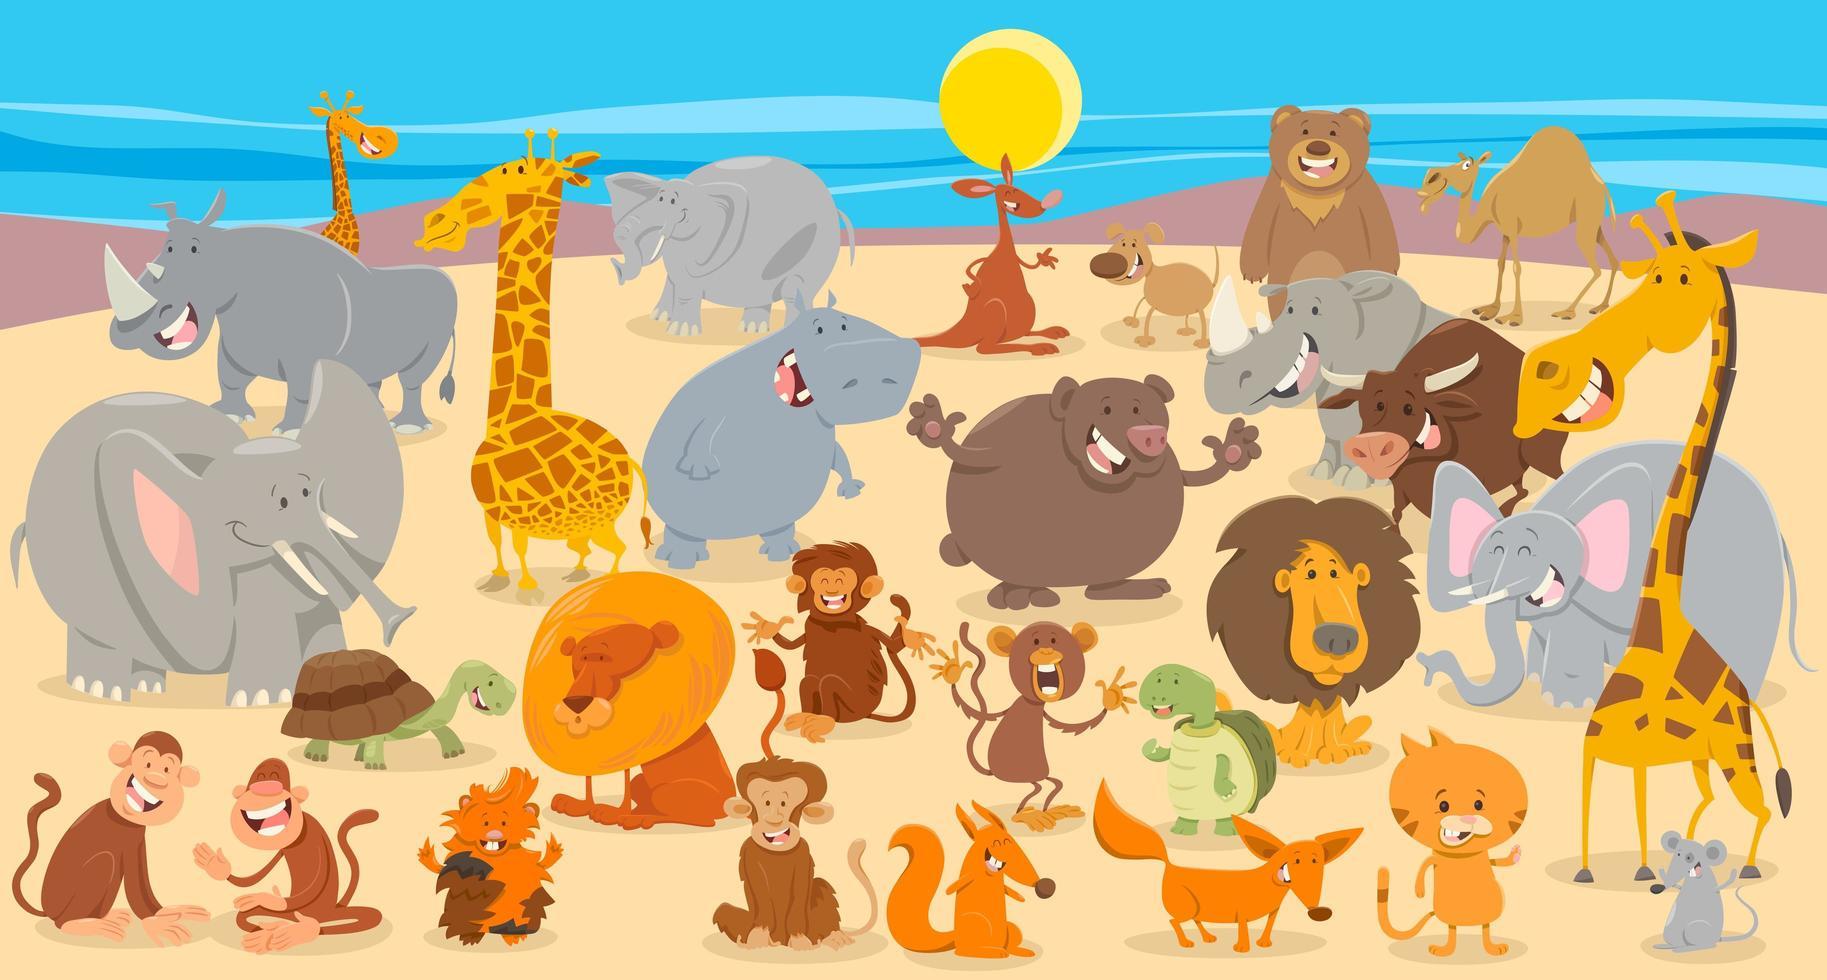 fond de collection de personnages animaux de dessin animé vecteur